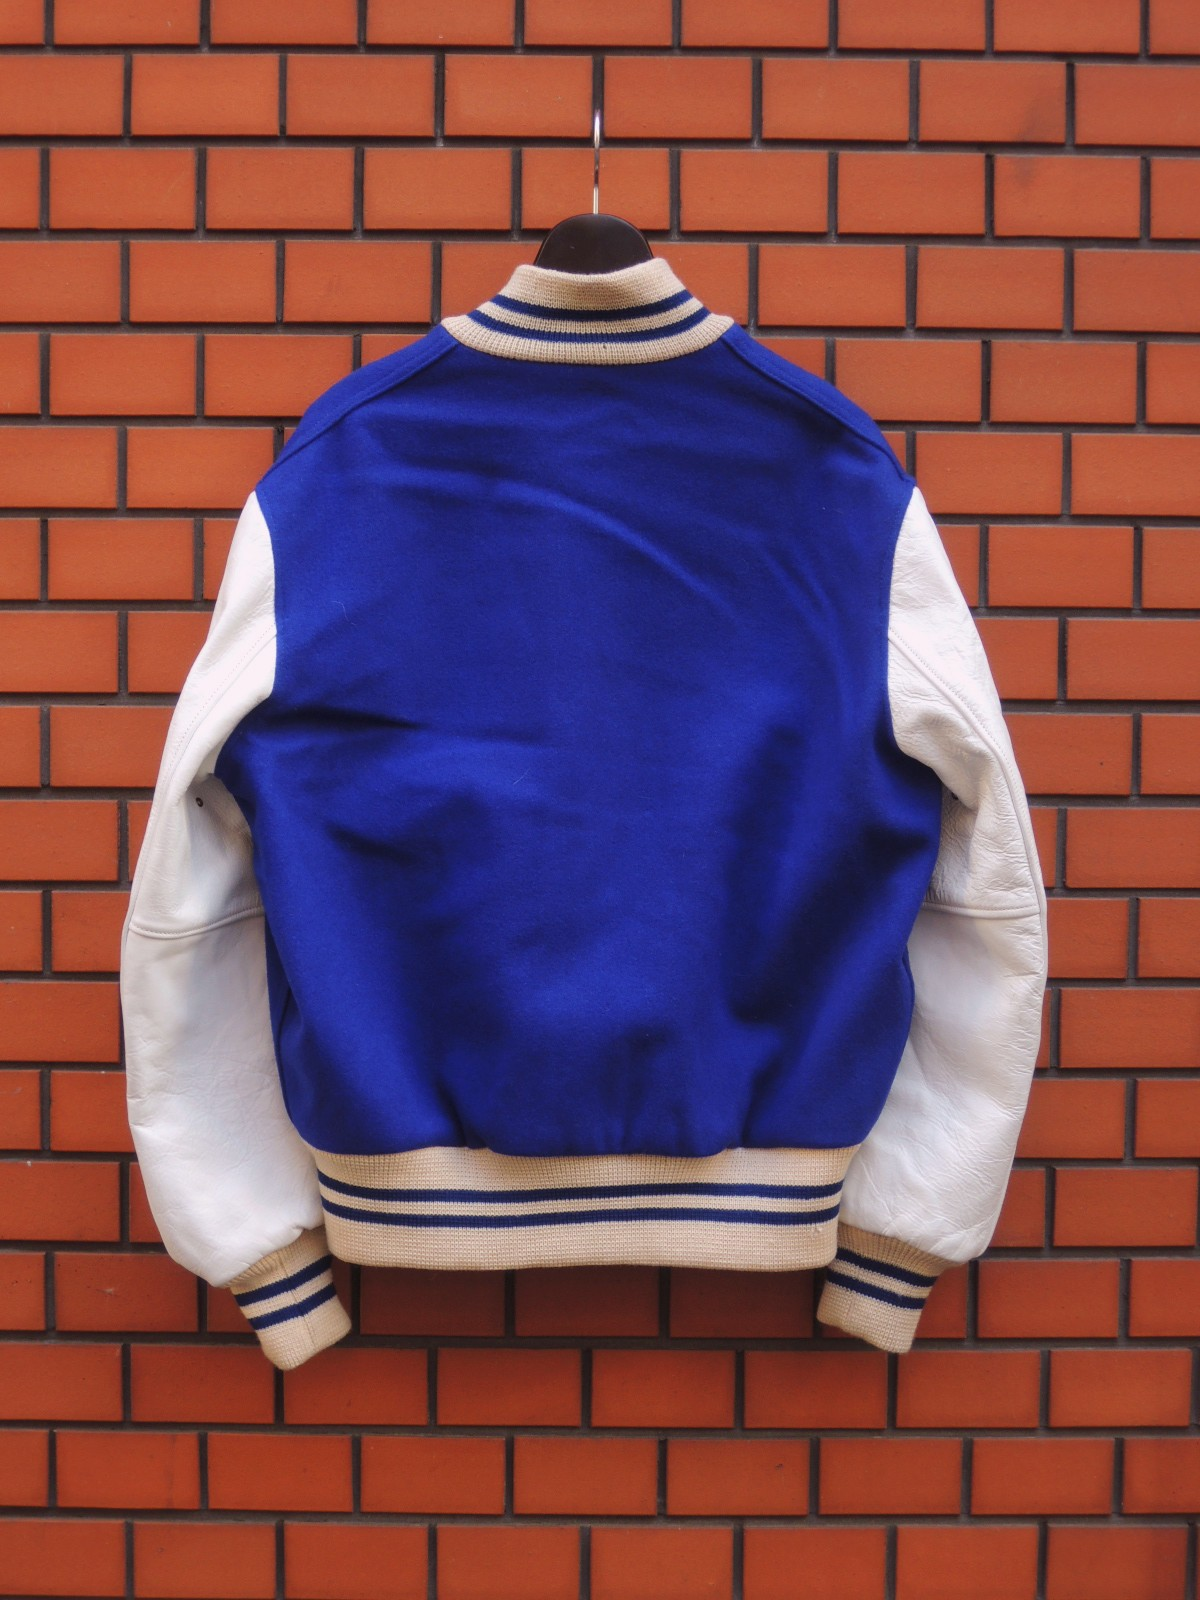 skookumvirsityjacket02.JPG